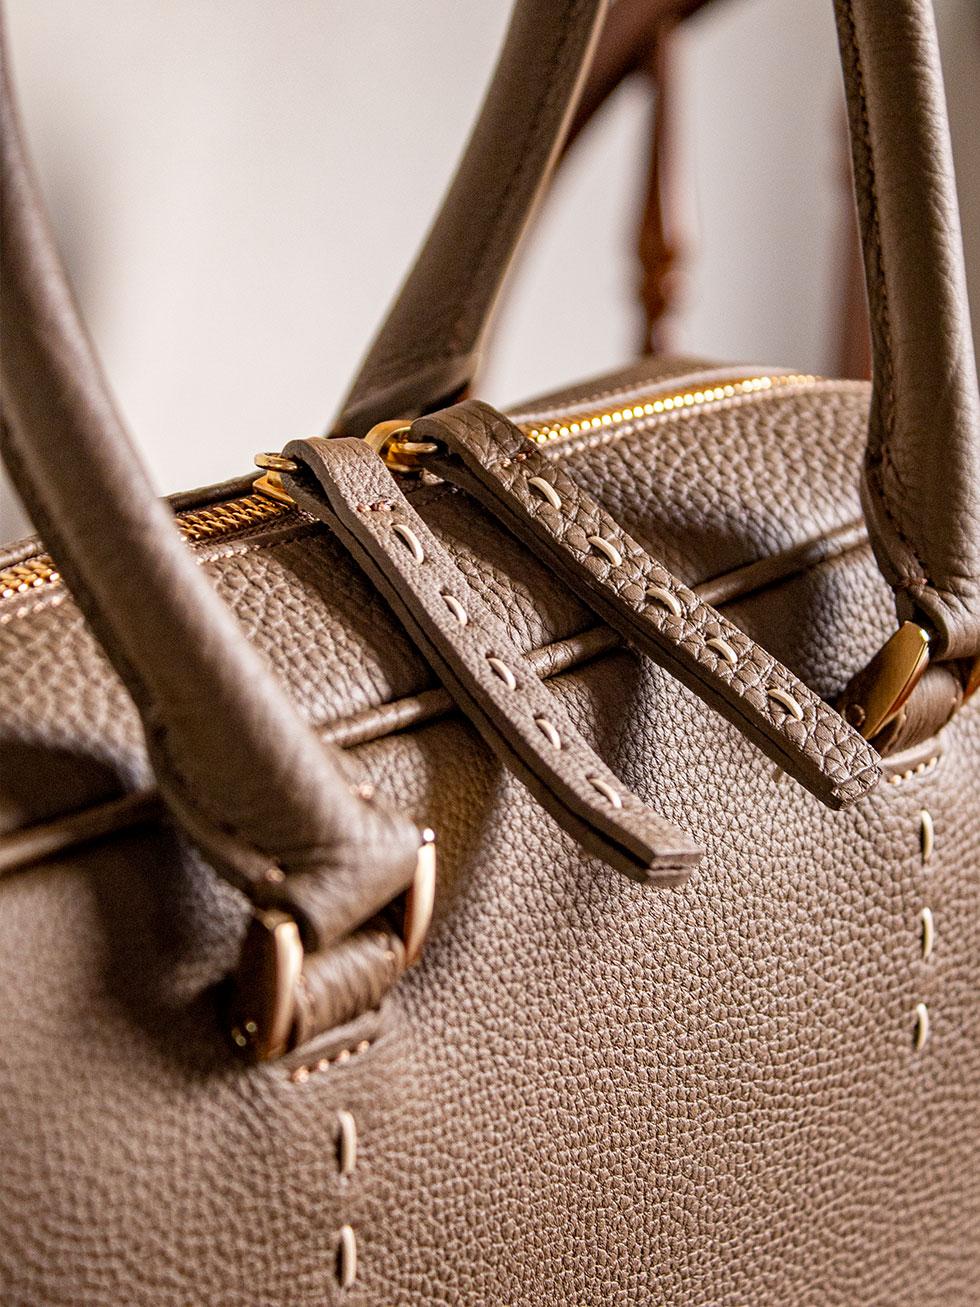 可愛い革紐ステッチが、洗練されたシンプルなデザインにおとなの可愛さをプラス